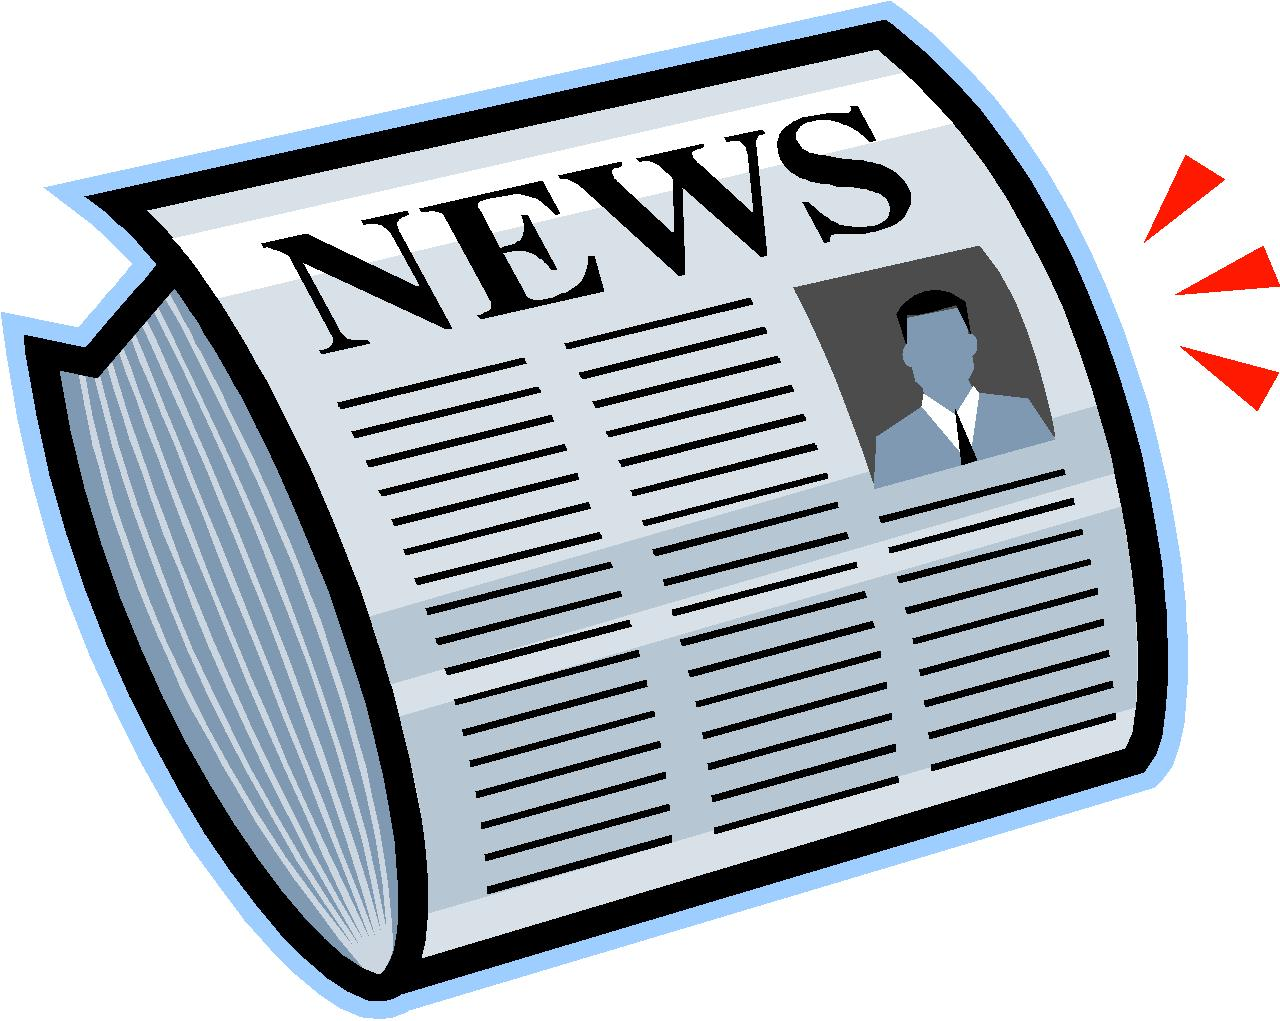 News Item Text